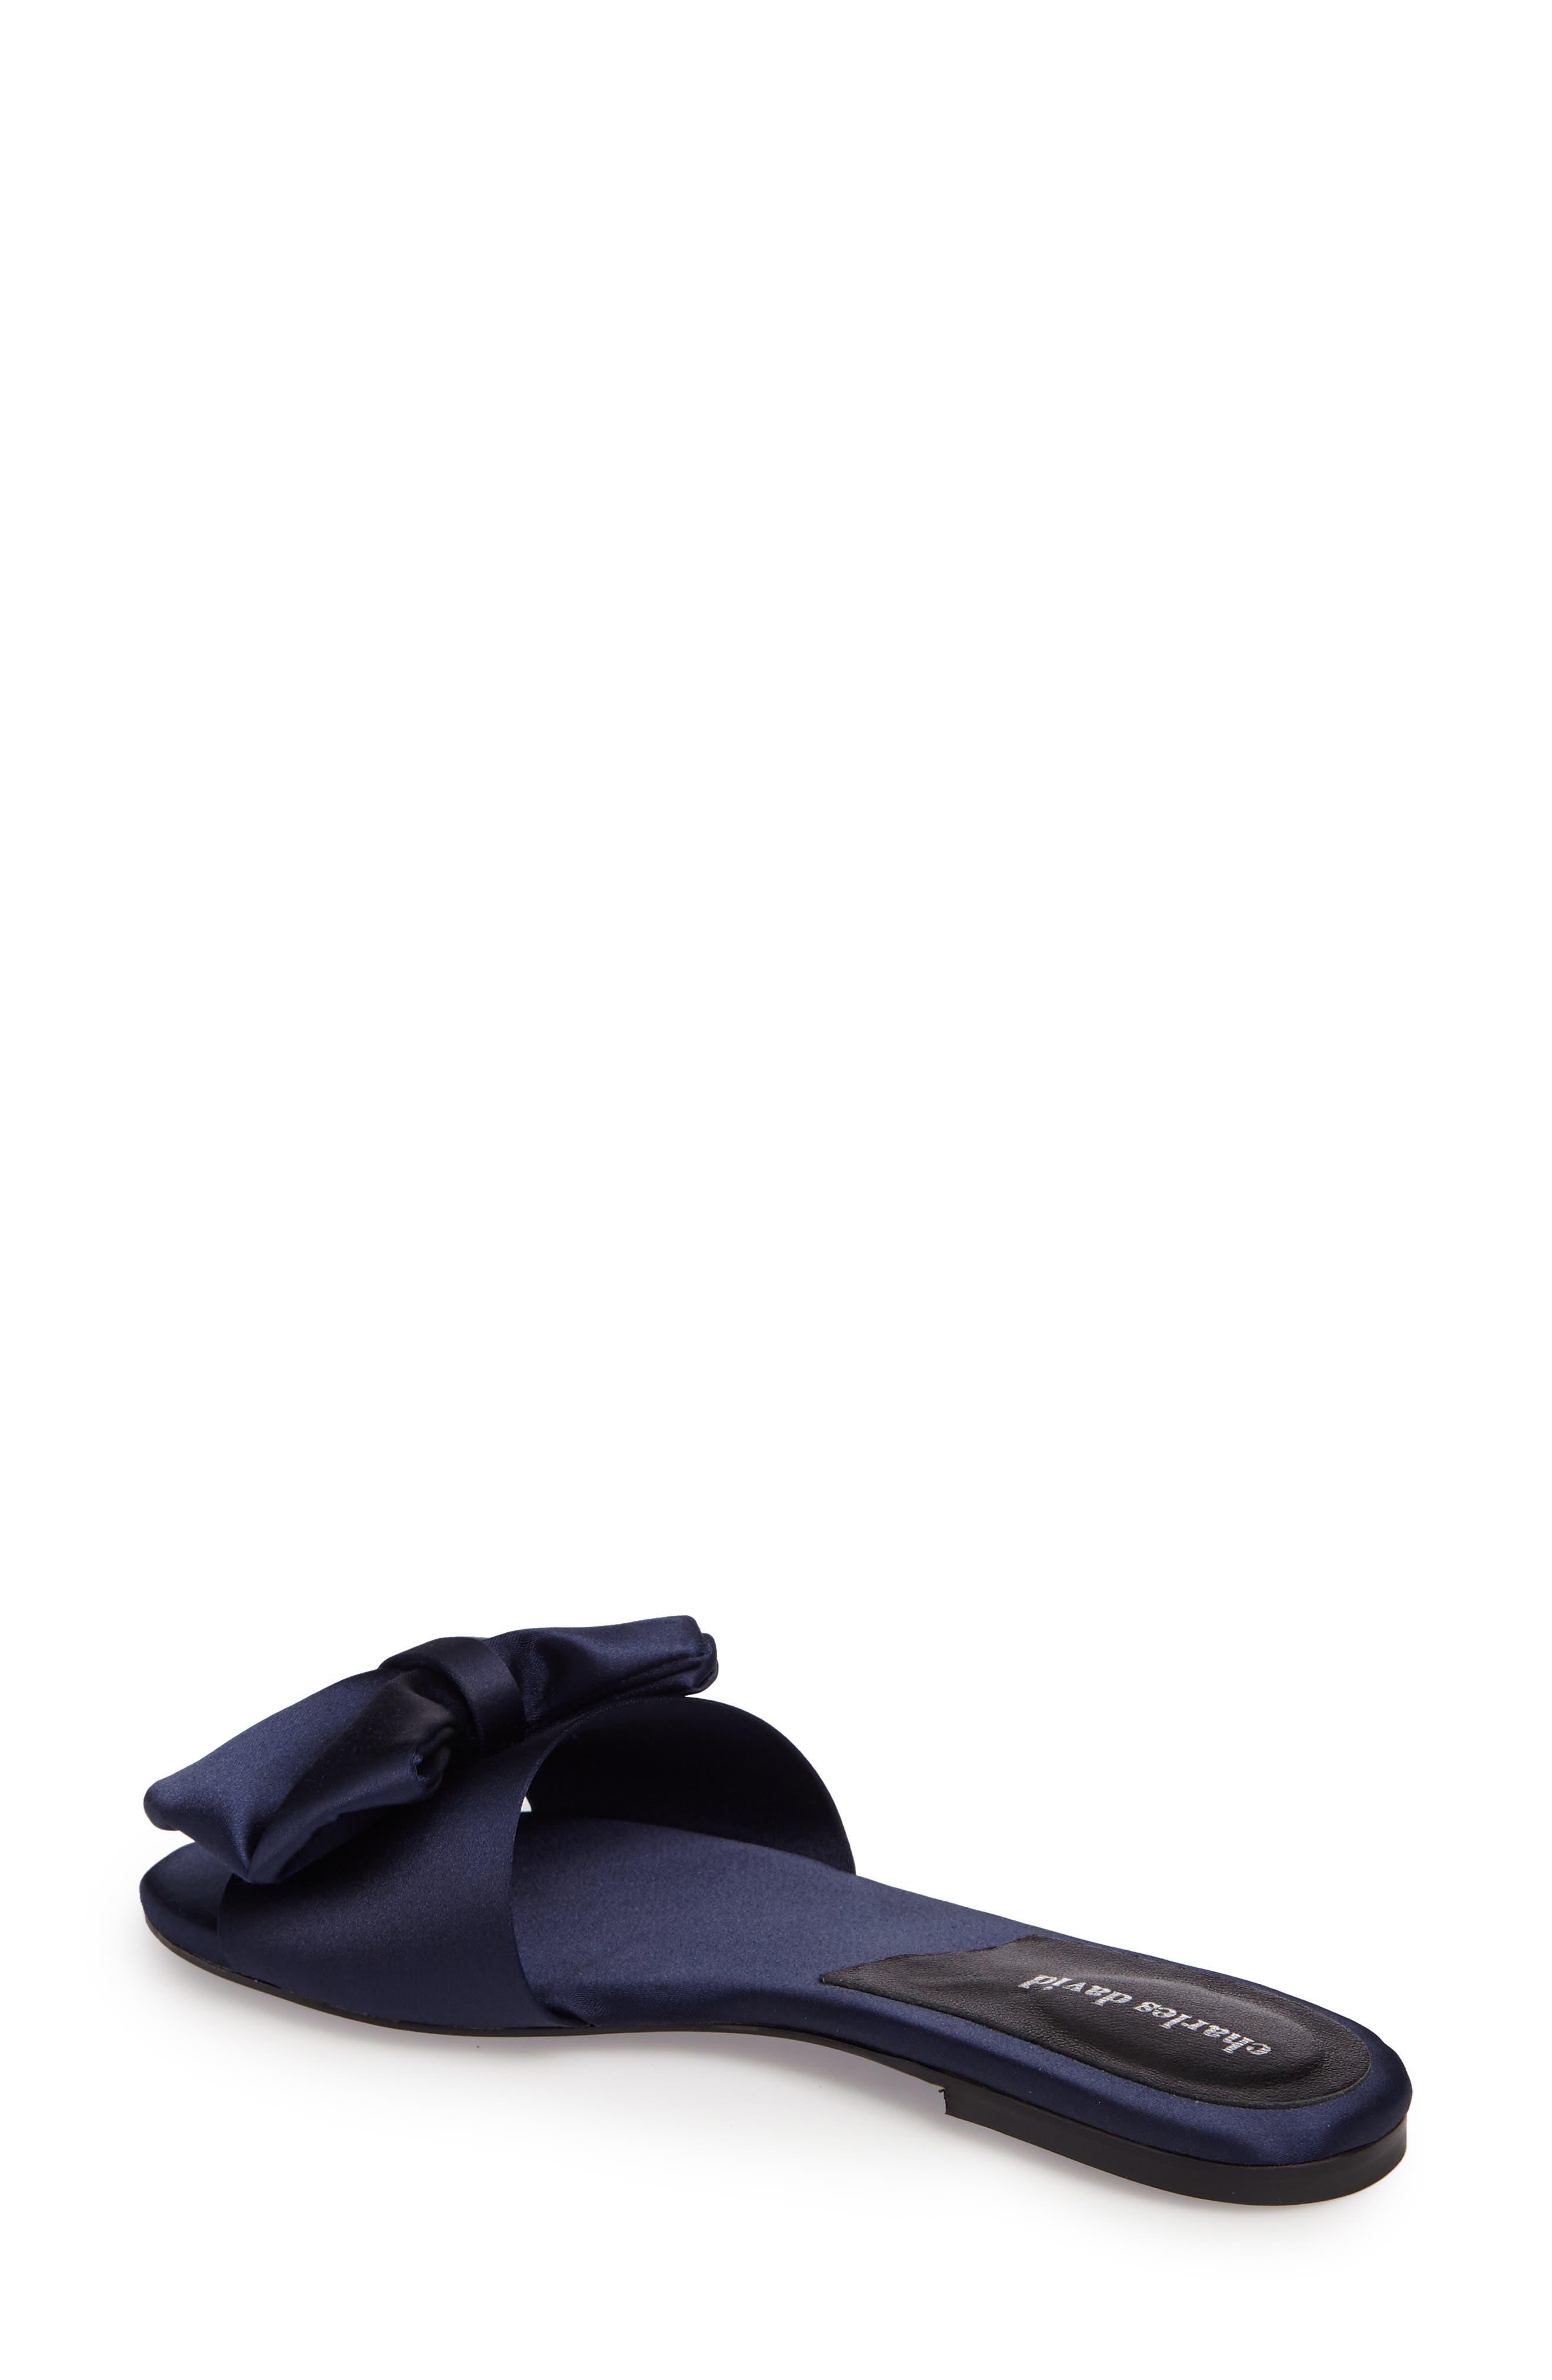 Bow Slide Sandal,                             Alternate thumbnail 2, color,                             NAVY SATIN